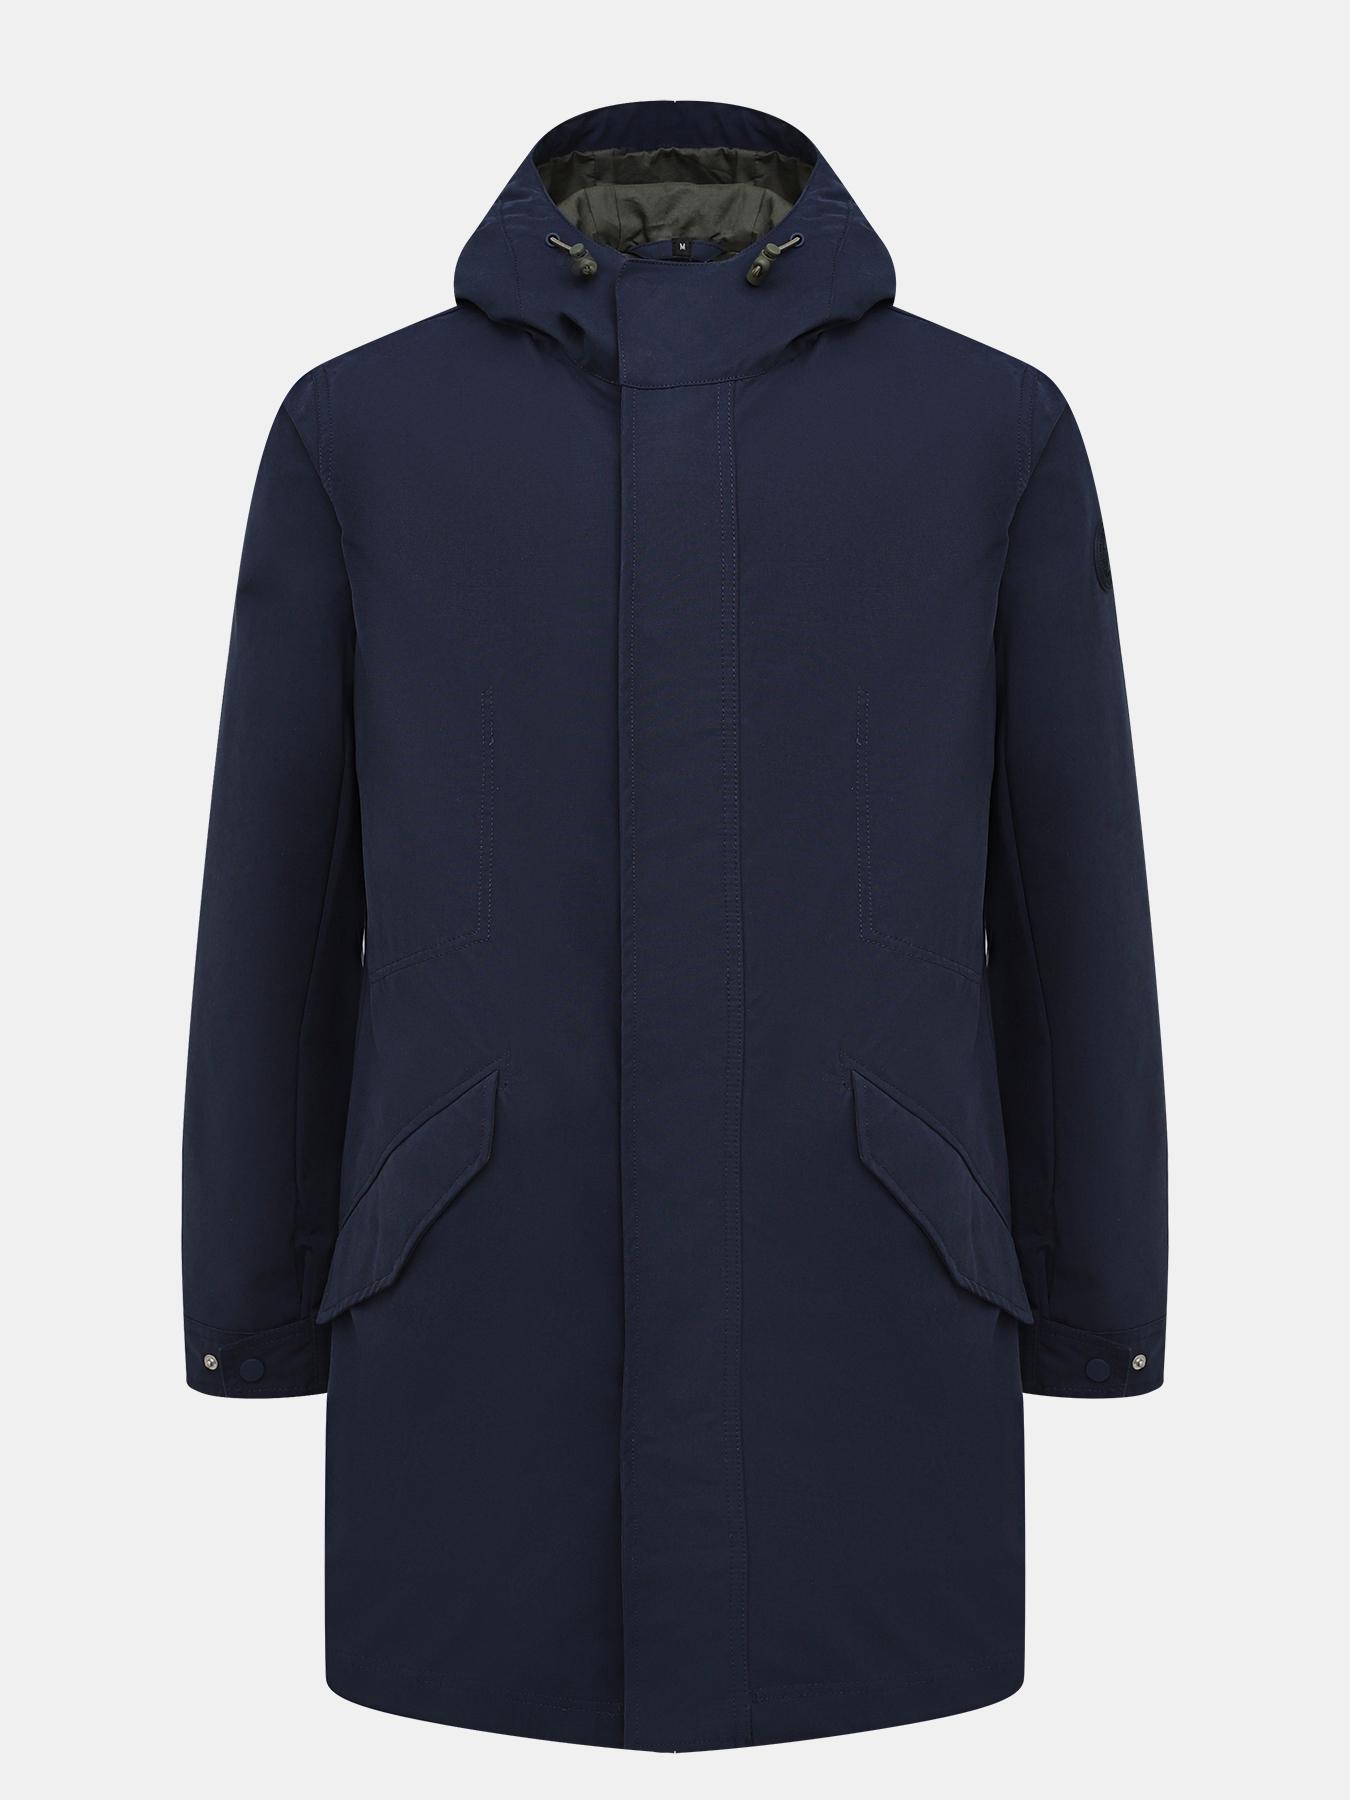 Пальто s.Oliver Пальто пальто imperial пальто